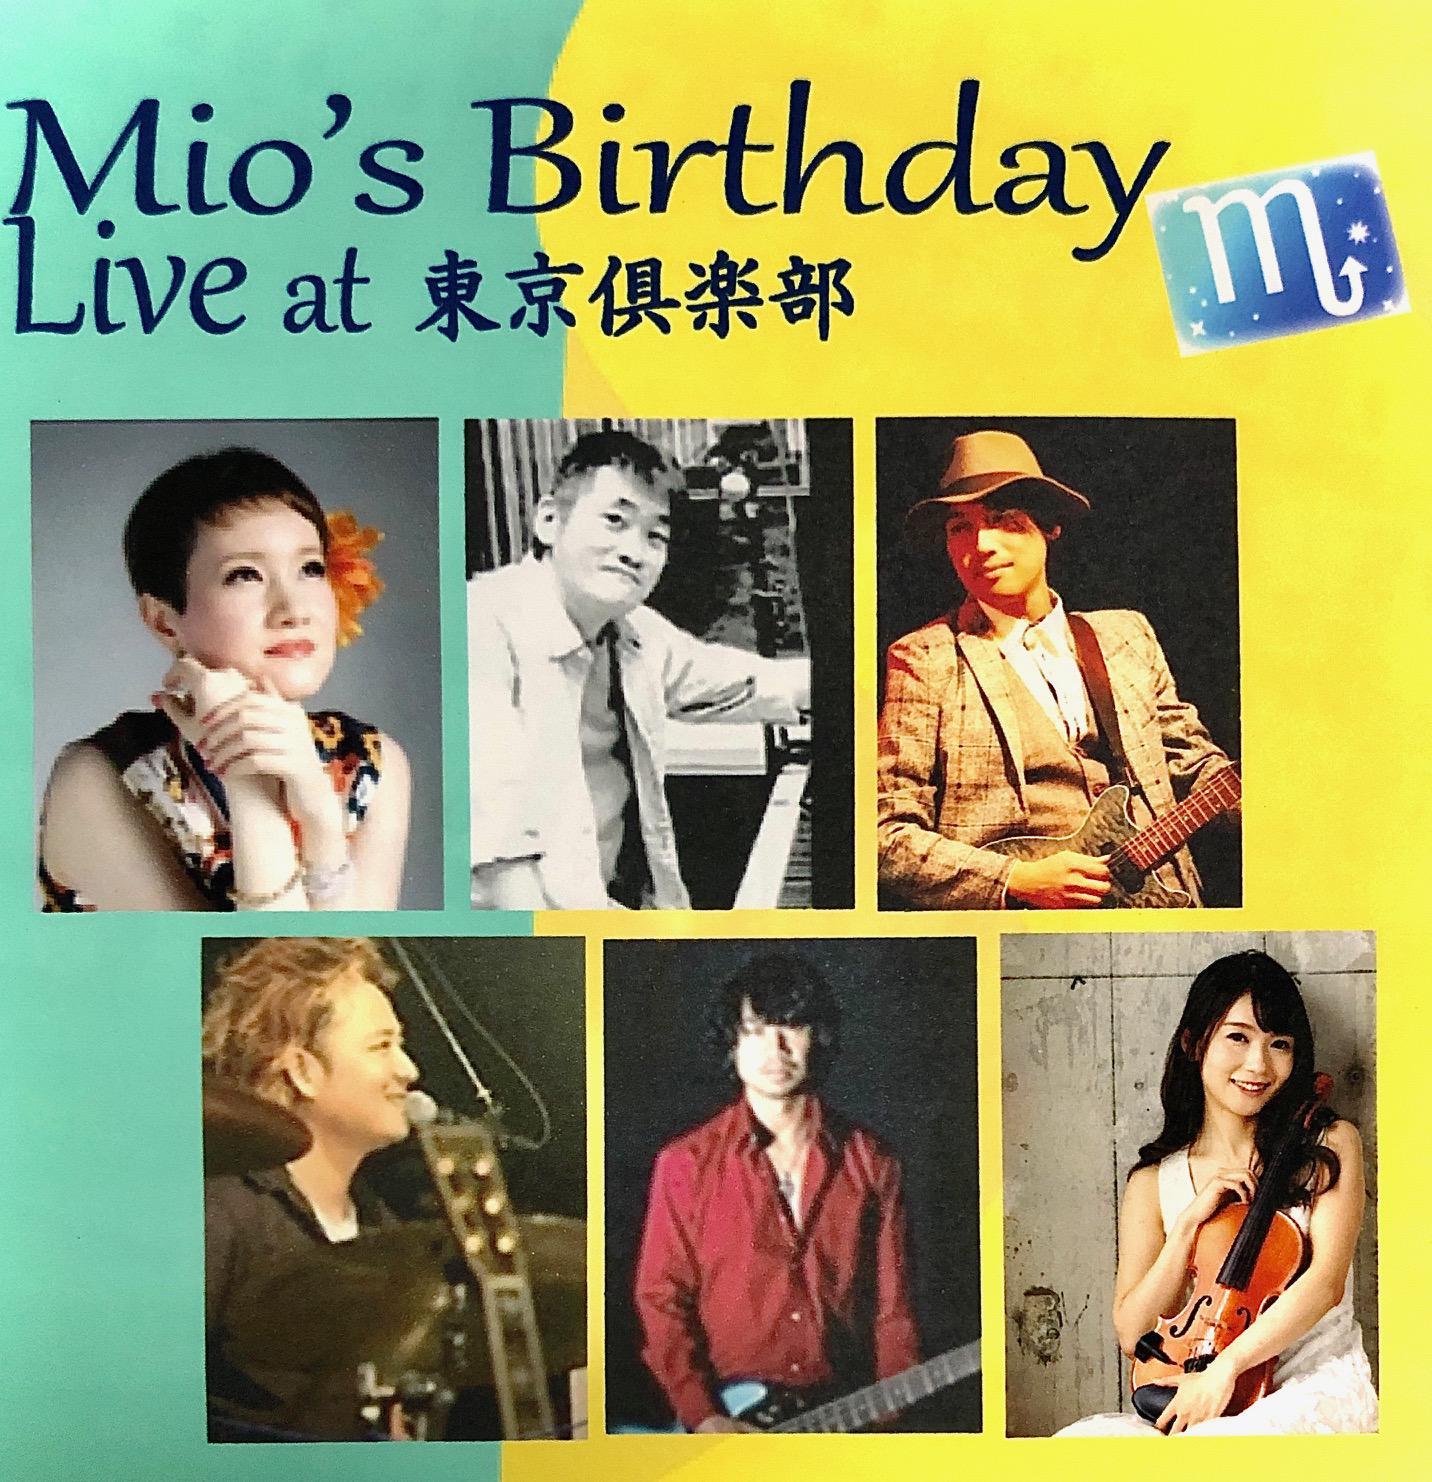 Mio with friends ~Mio's birthday~